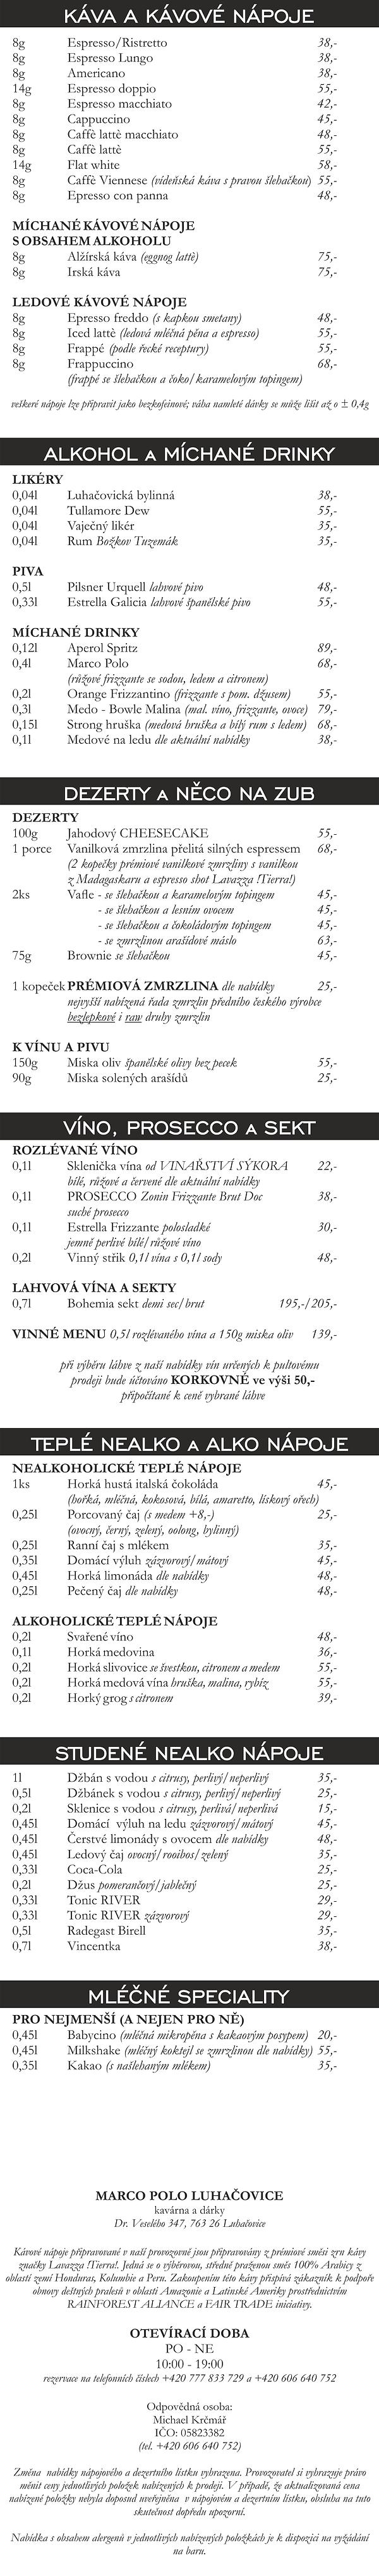 menu_png.png